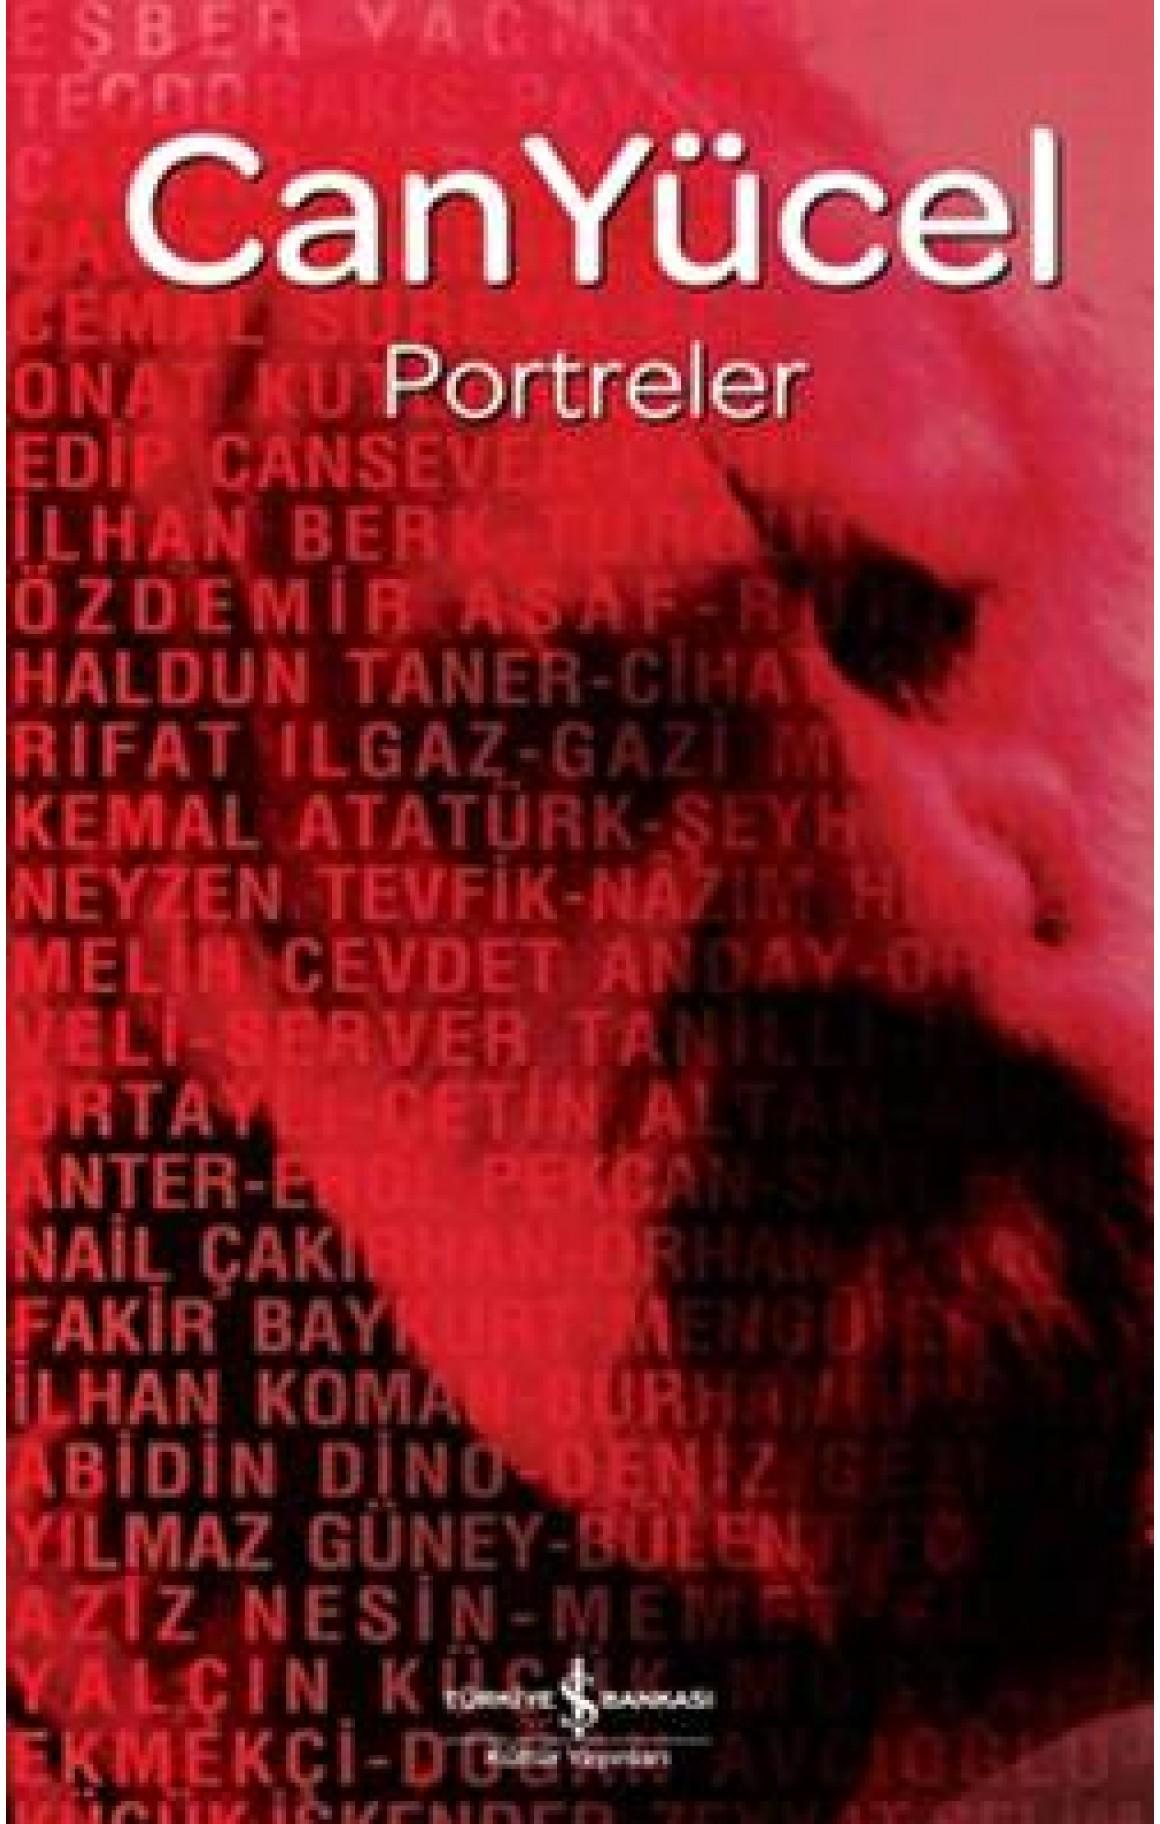 Portreler